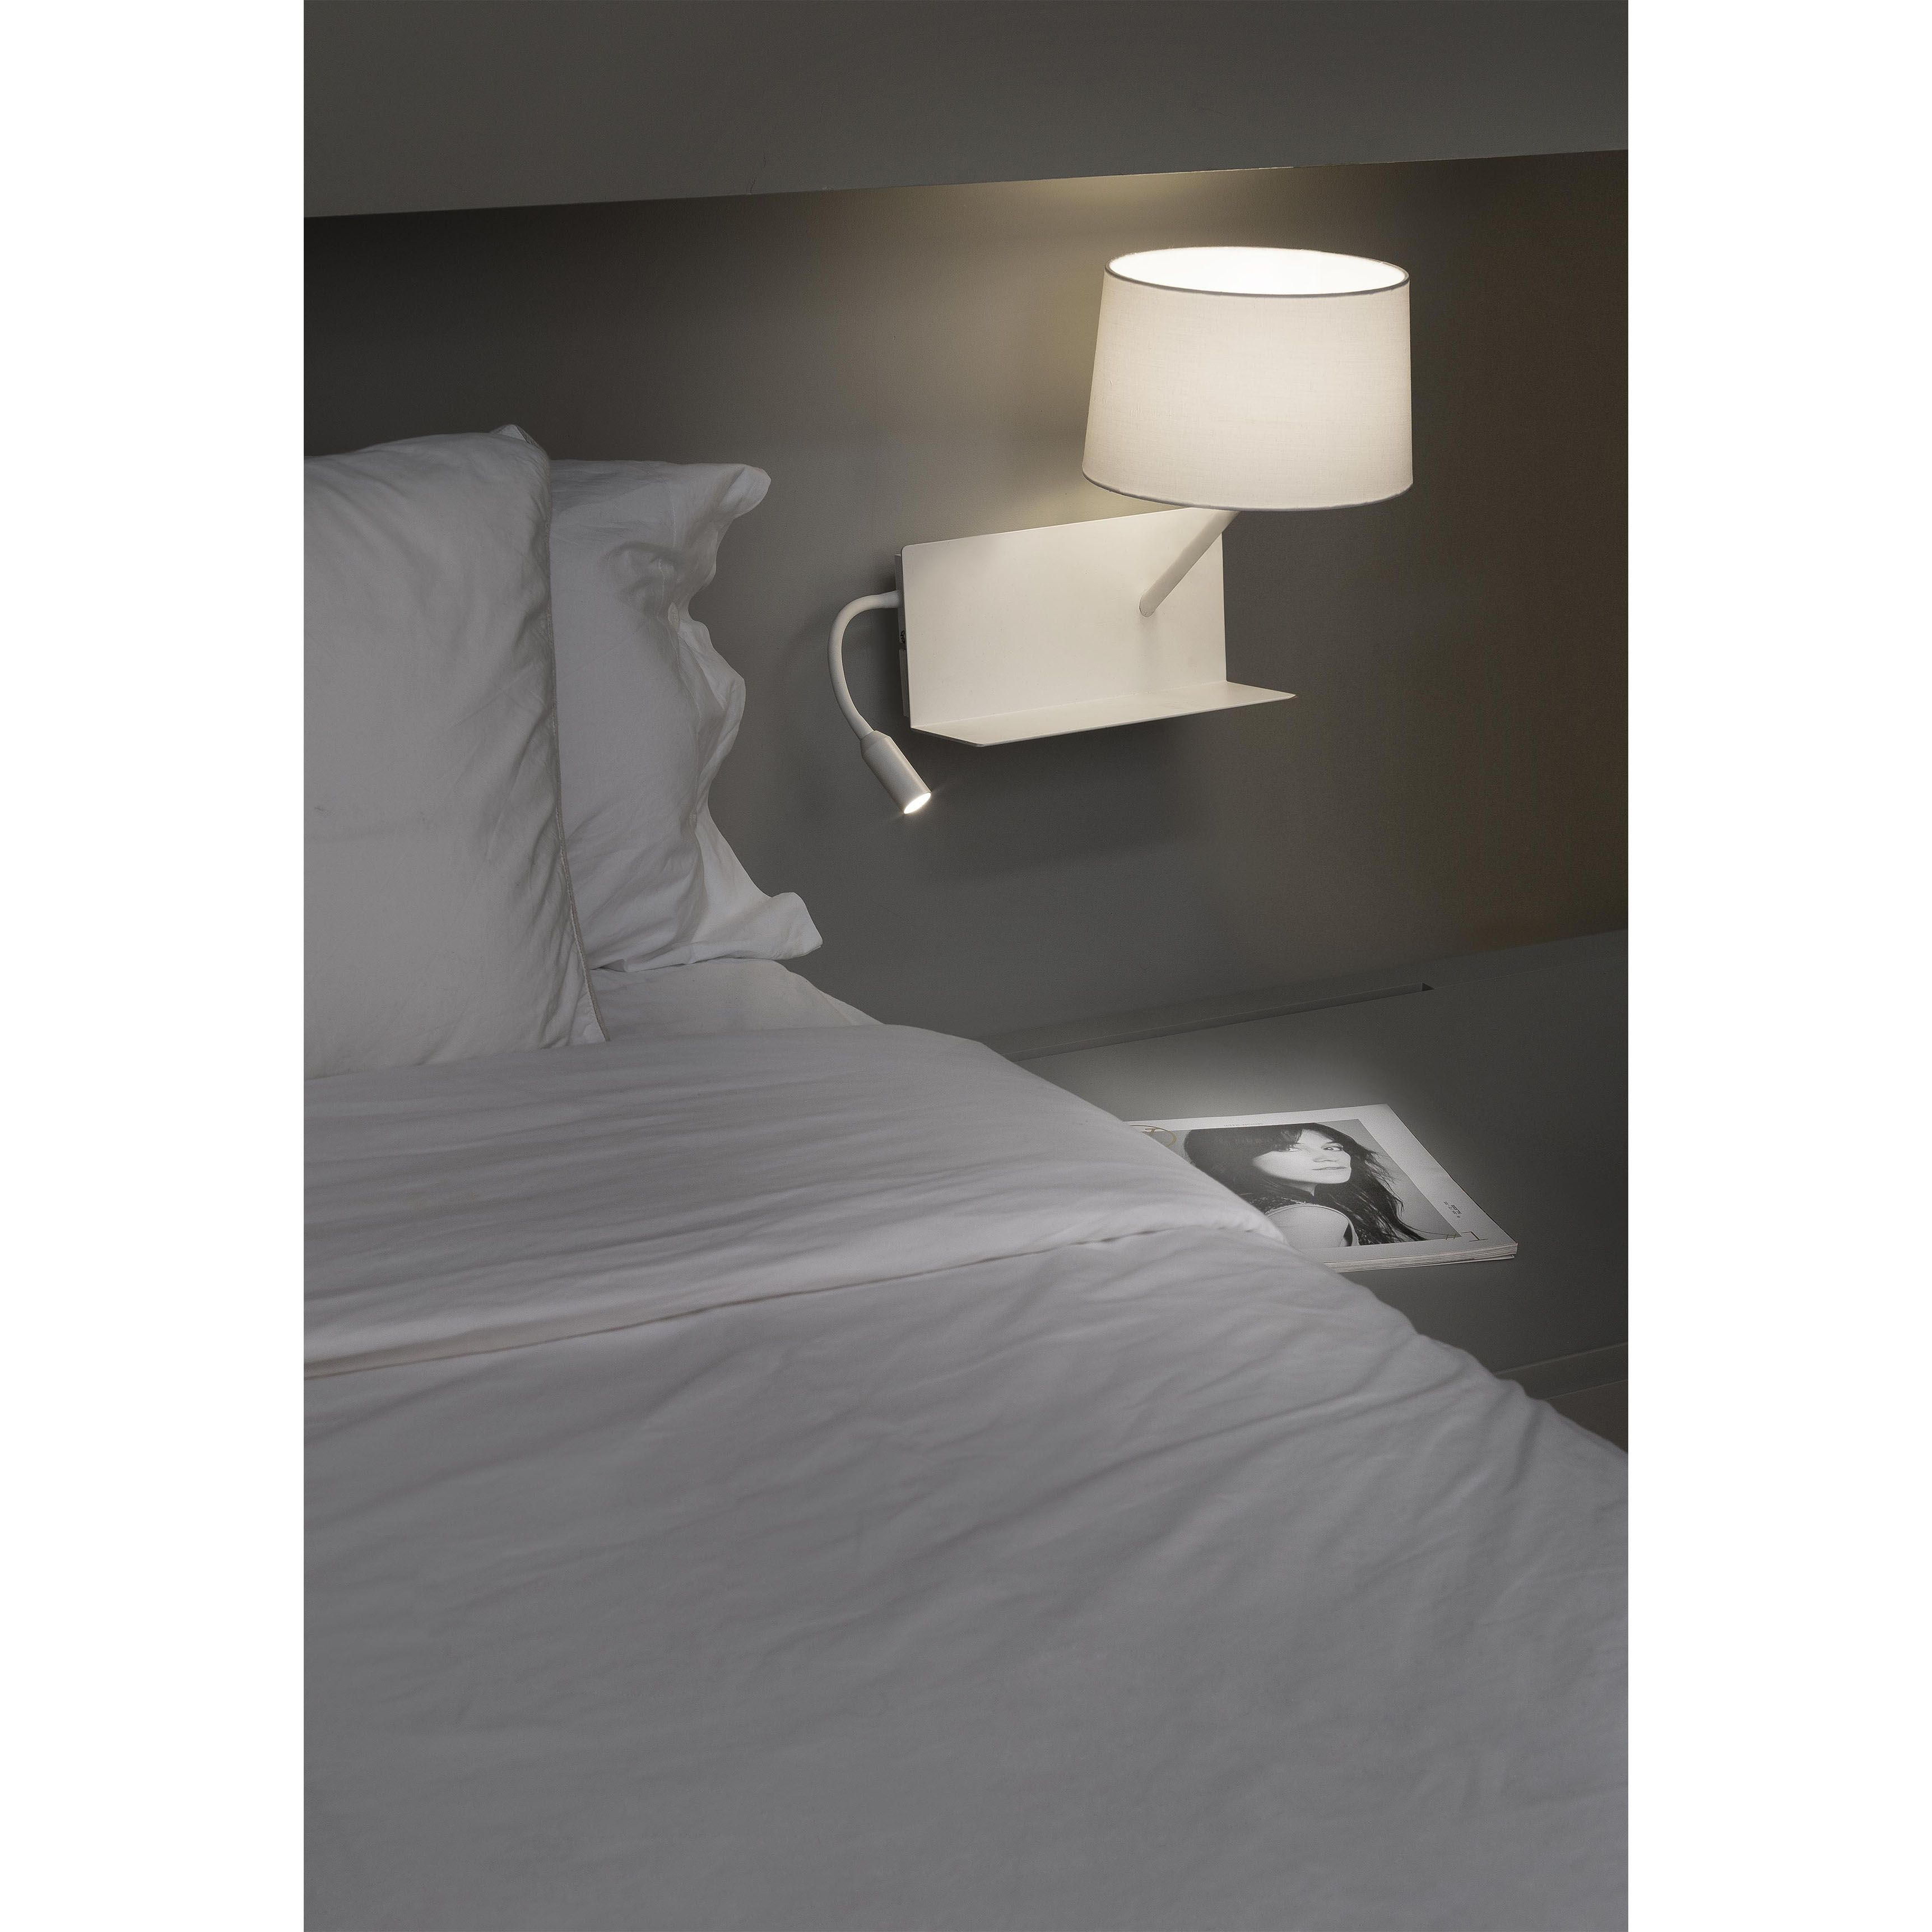 Lampe De Lit Usb Applique Handy Avec Liseuse Led A Droite Blanc